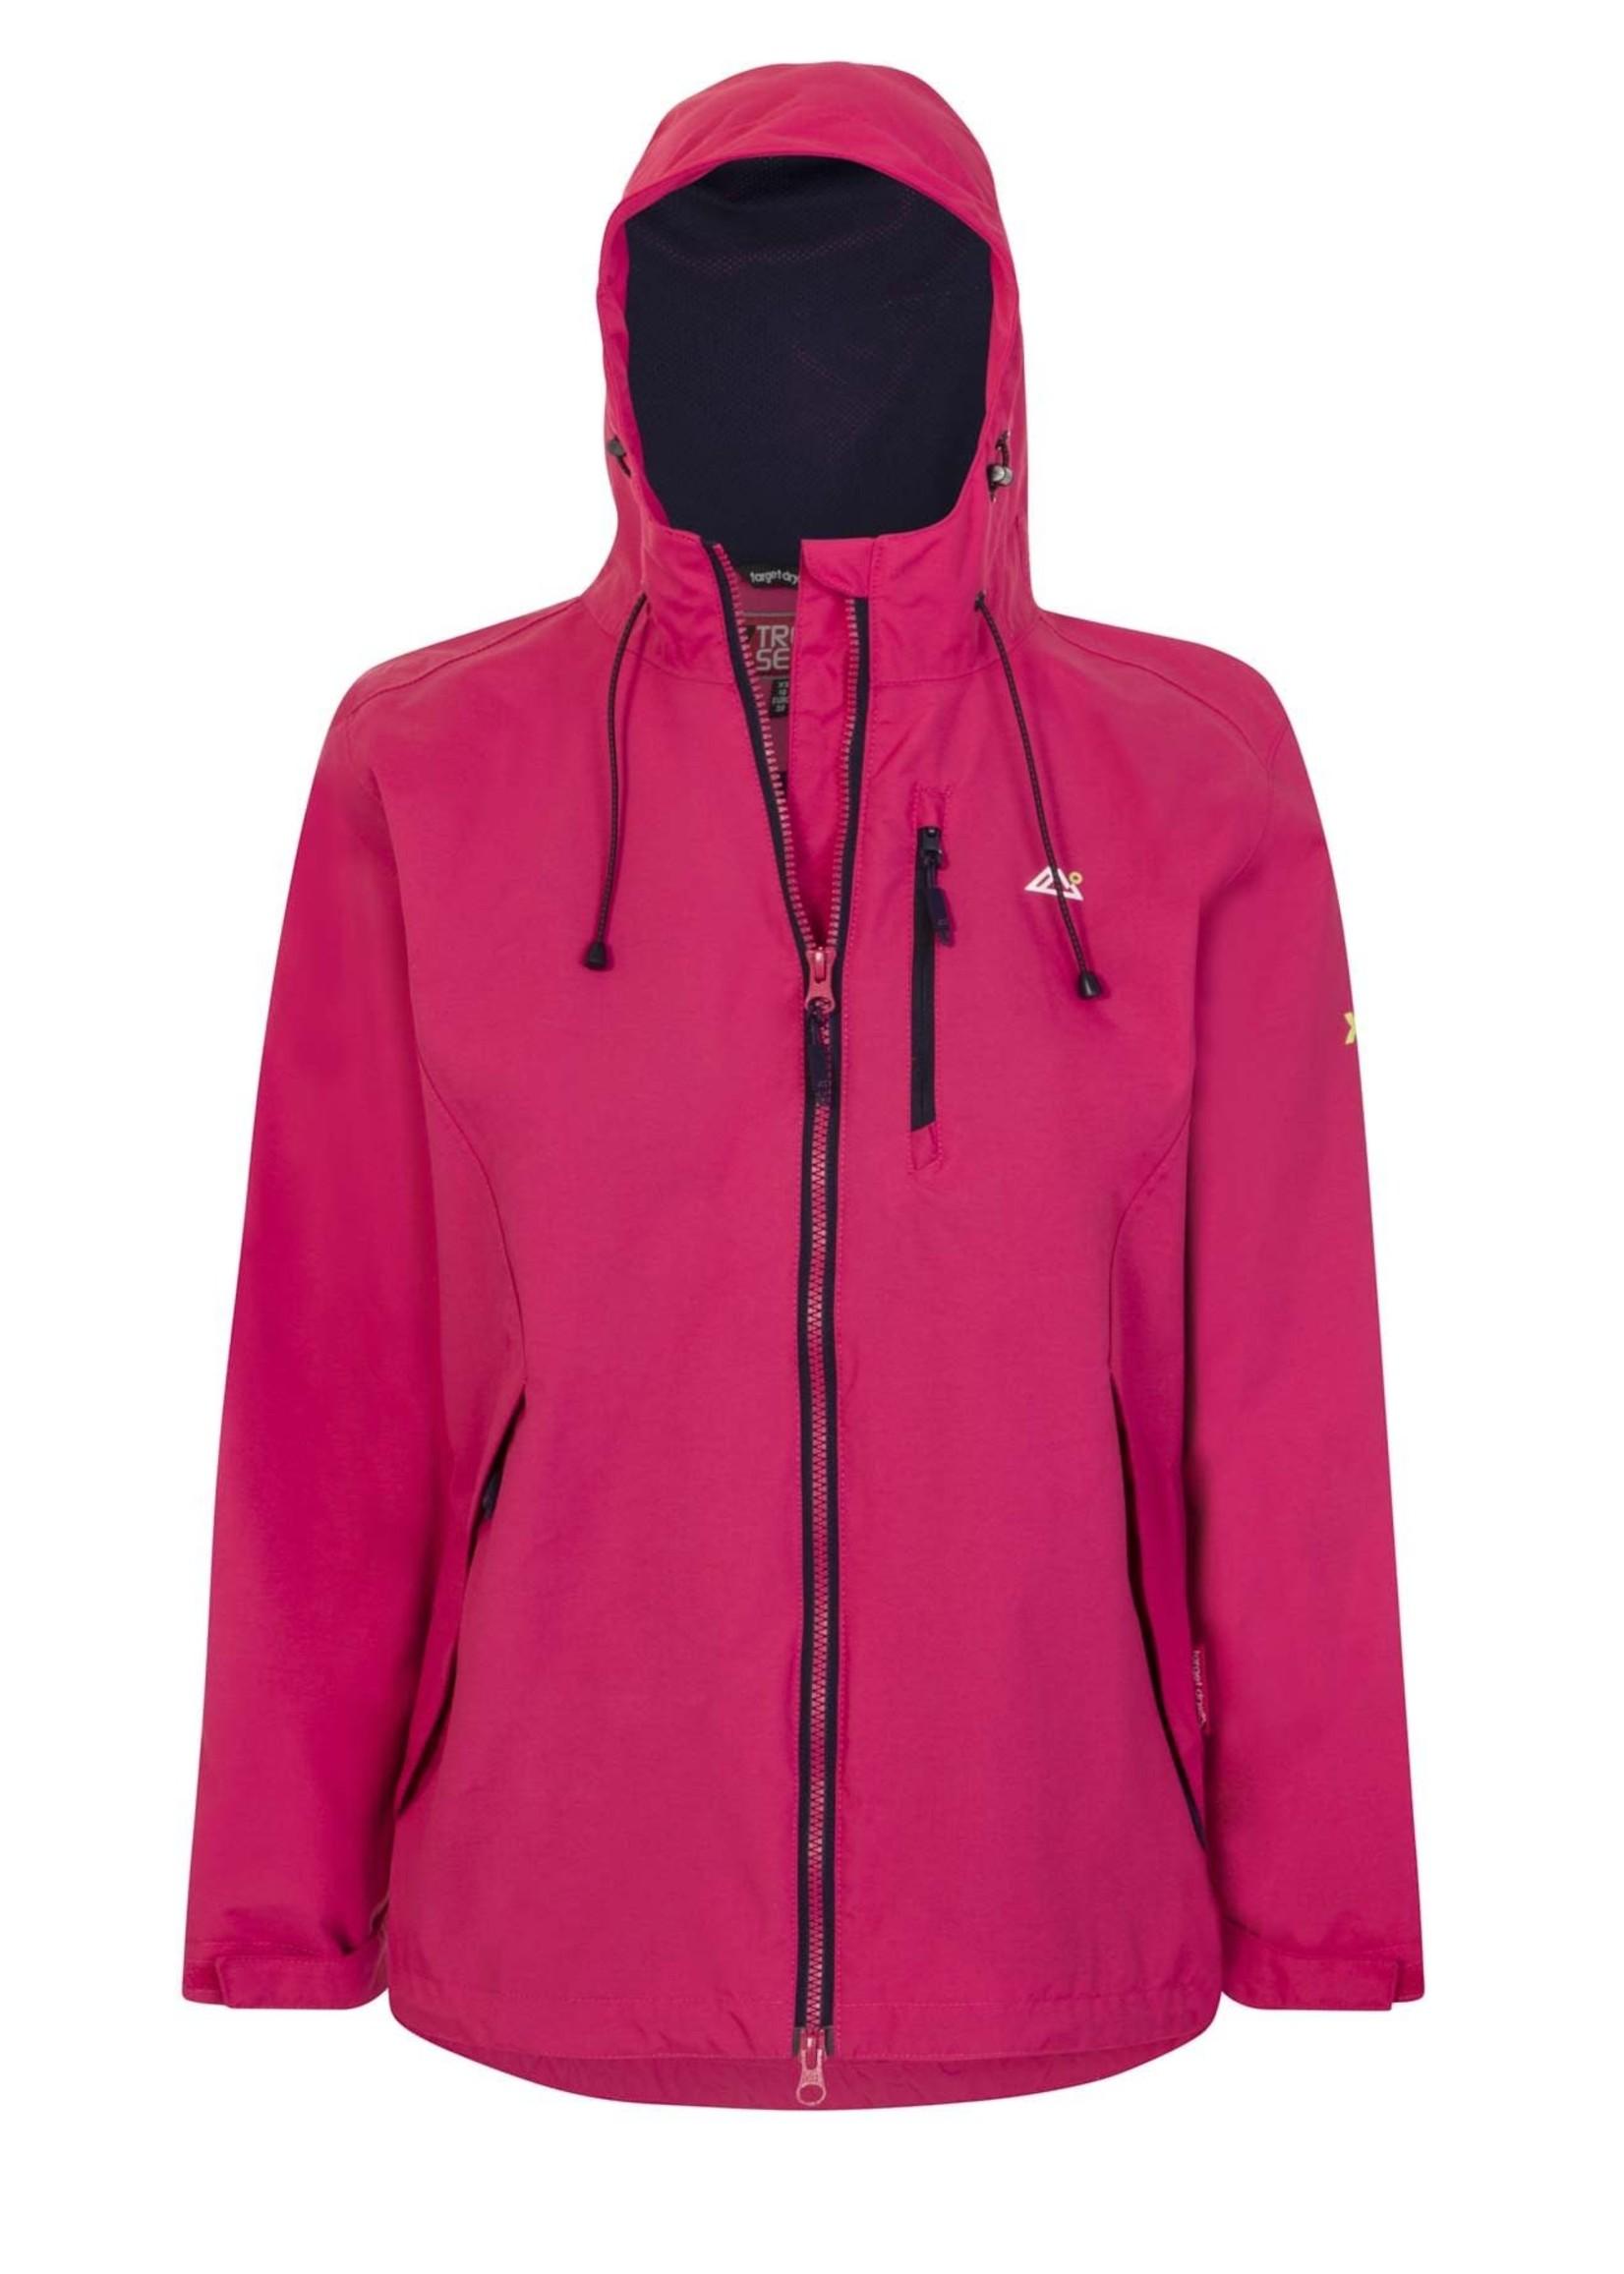 Target Dry Target Dry Solar 2  Ladies  Waterproof Jacket - Fuchsia